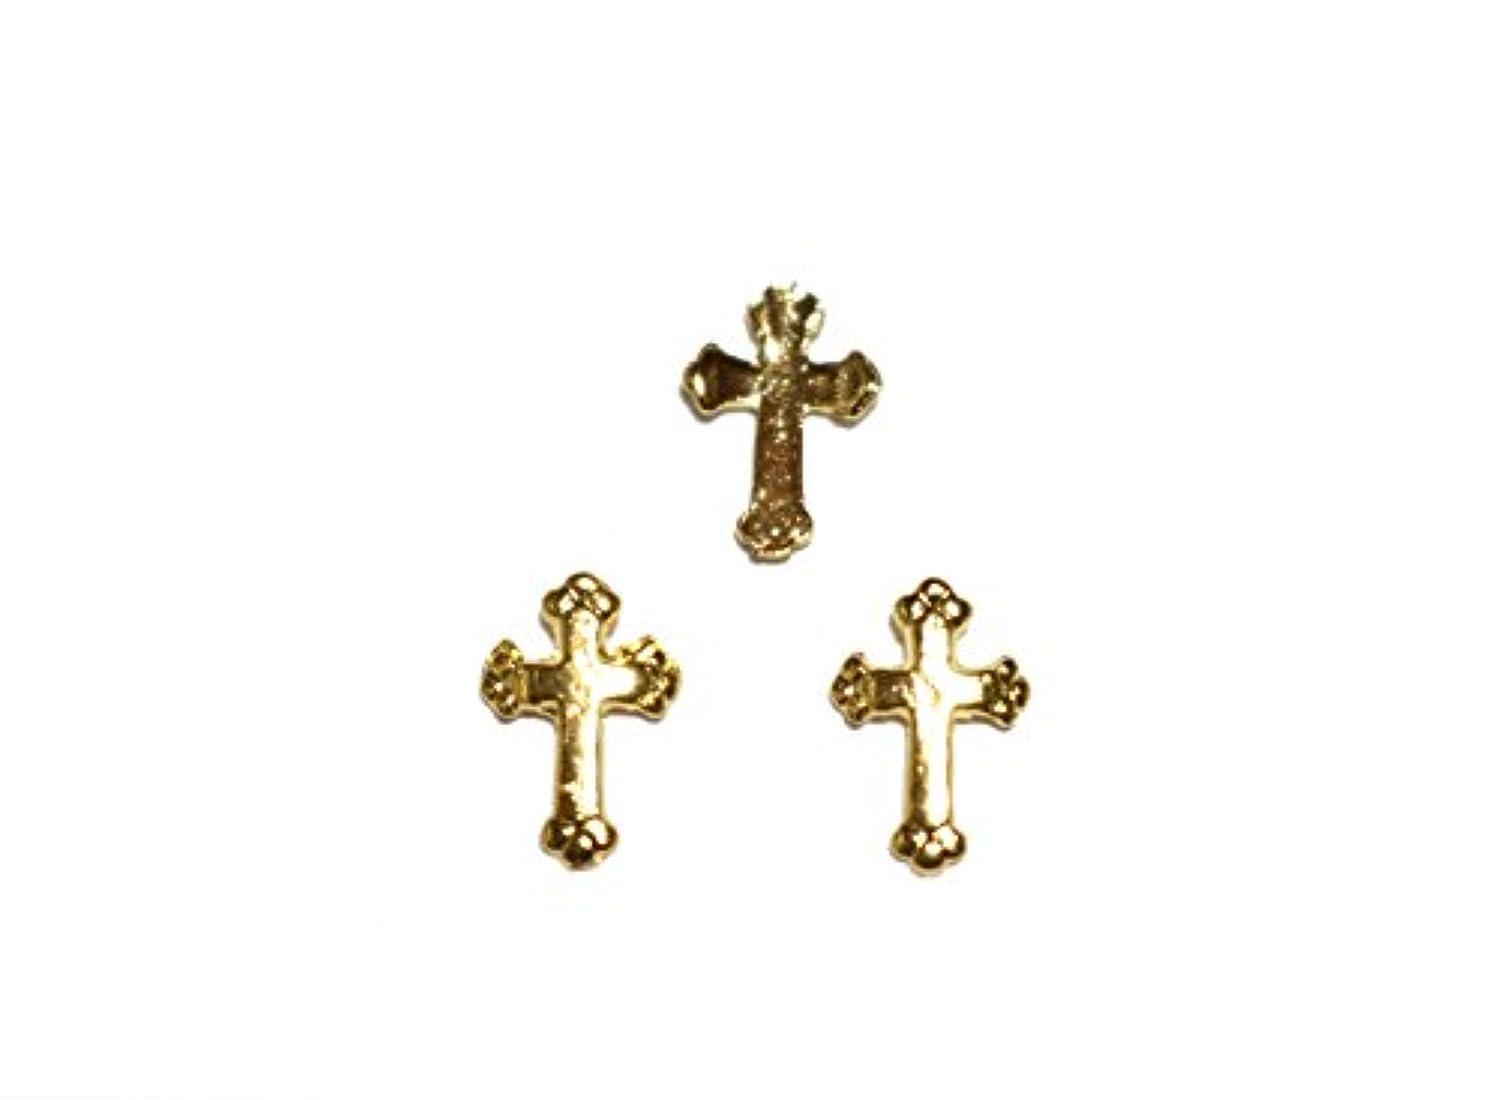 入場料告発熱意【jewel】メタルネイルパーツ クロス 5個入 ゴールドorシルバー 十字架型 スタッズ ジェルネイル デコ素材 (ゴールド)